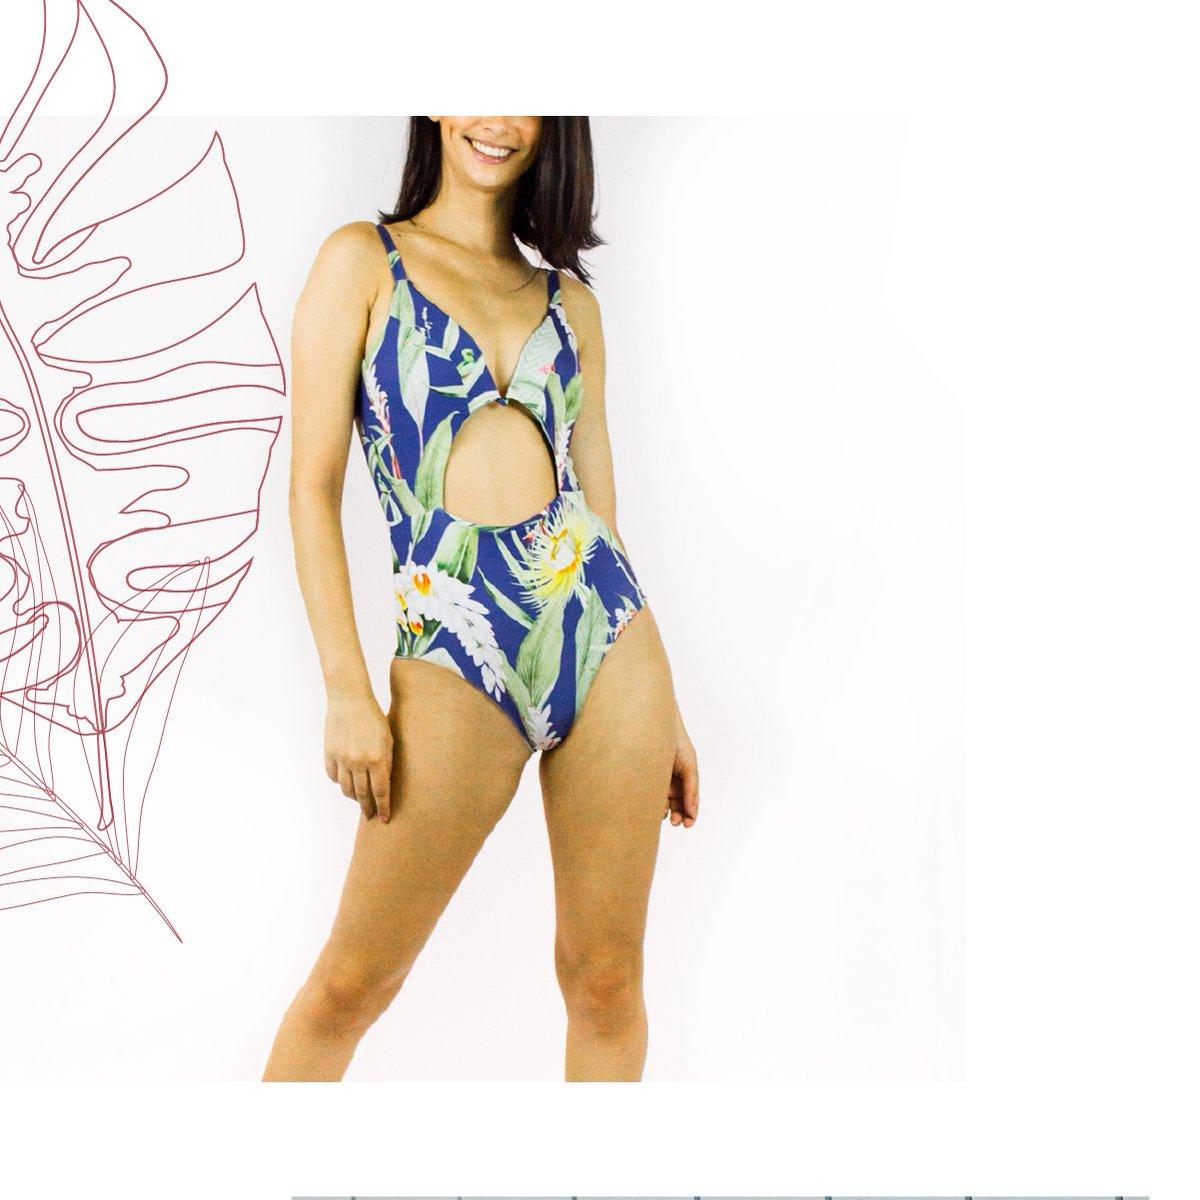 Nada inspira unas buenas vacaciones como Blu Lagoon. Entra https://t.co/zM1AWuy2lH y aprovecha el 10% de descuento con el código blulanz1  #vacaciones #beach #beachgirl #beachwear #fashion #model #blulagoon #swimwear #shoplocal #shop #shopping https://t.co/TF20jlz3d8